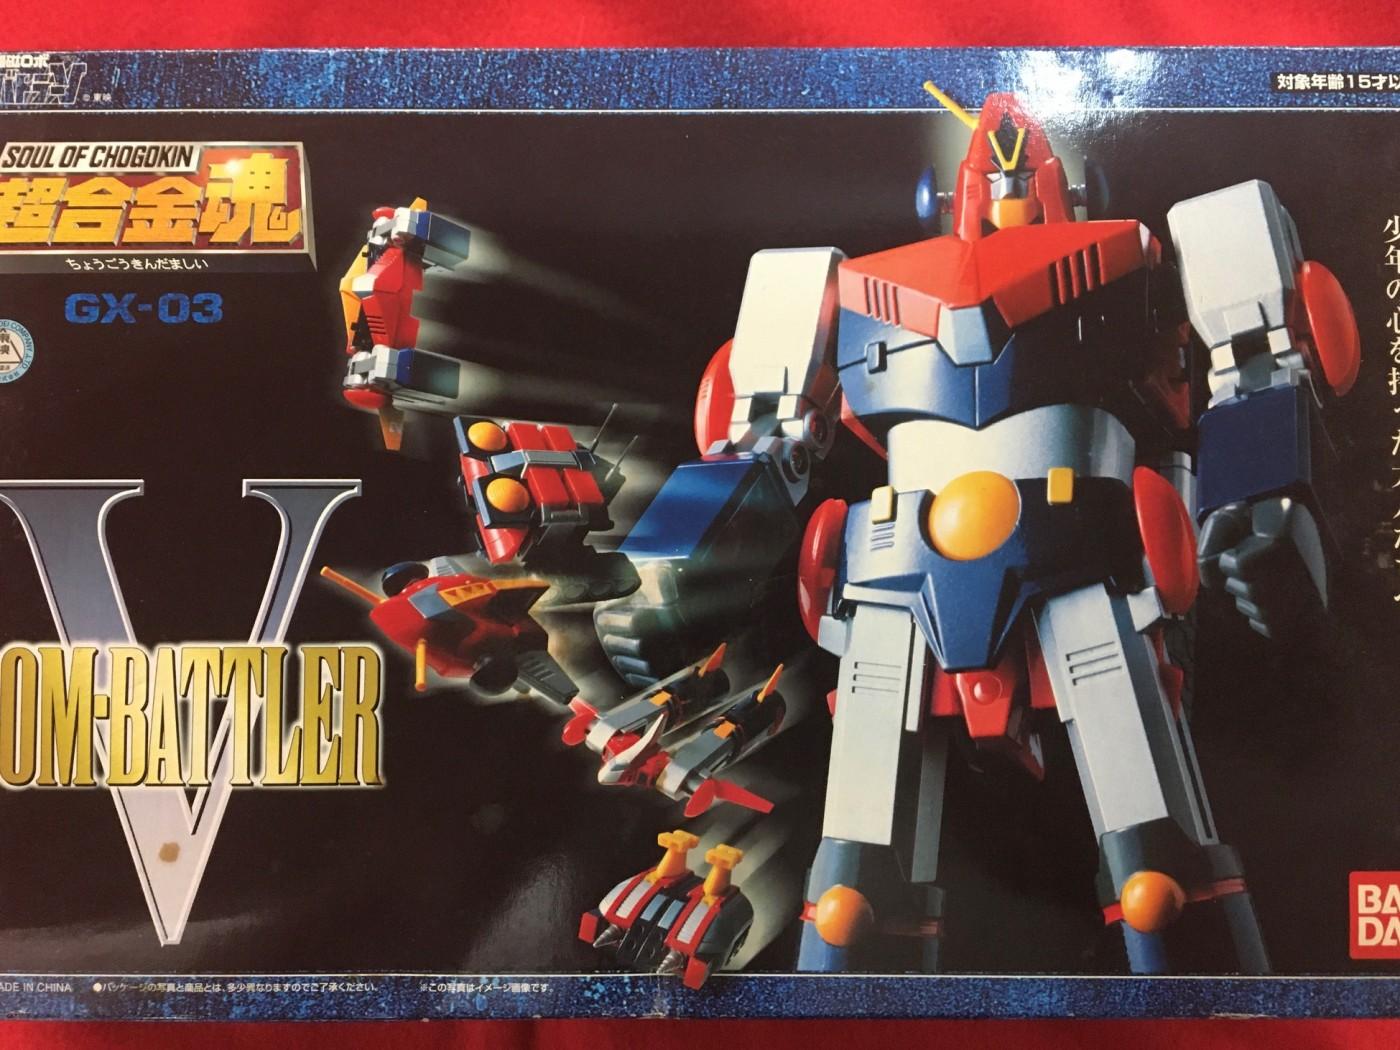 買取情報『バンダイの超合金魂 GX-03 超電磁ロボ「コン・バトラーV」』